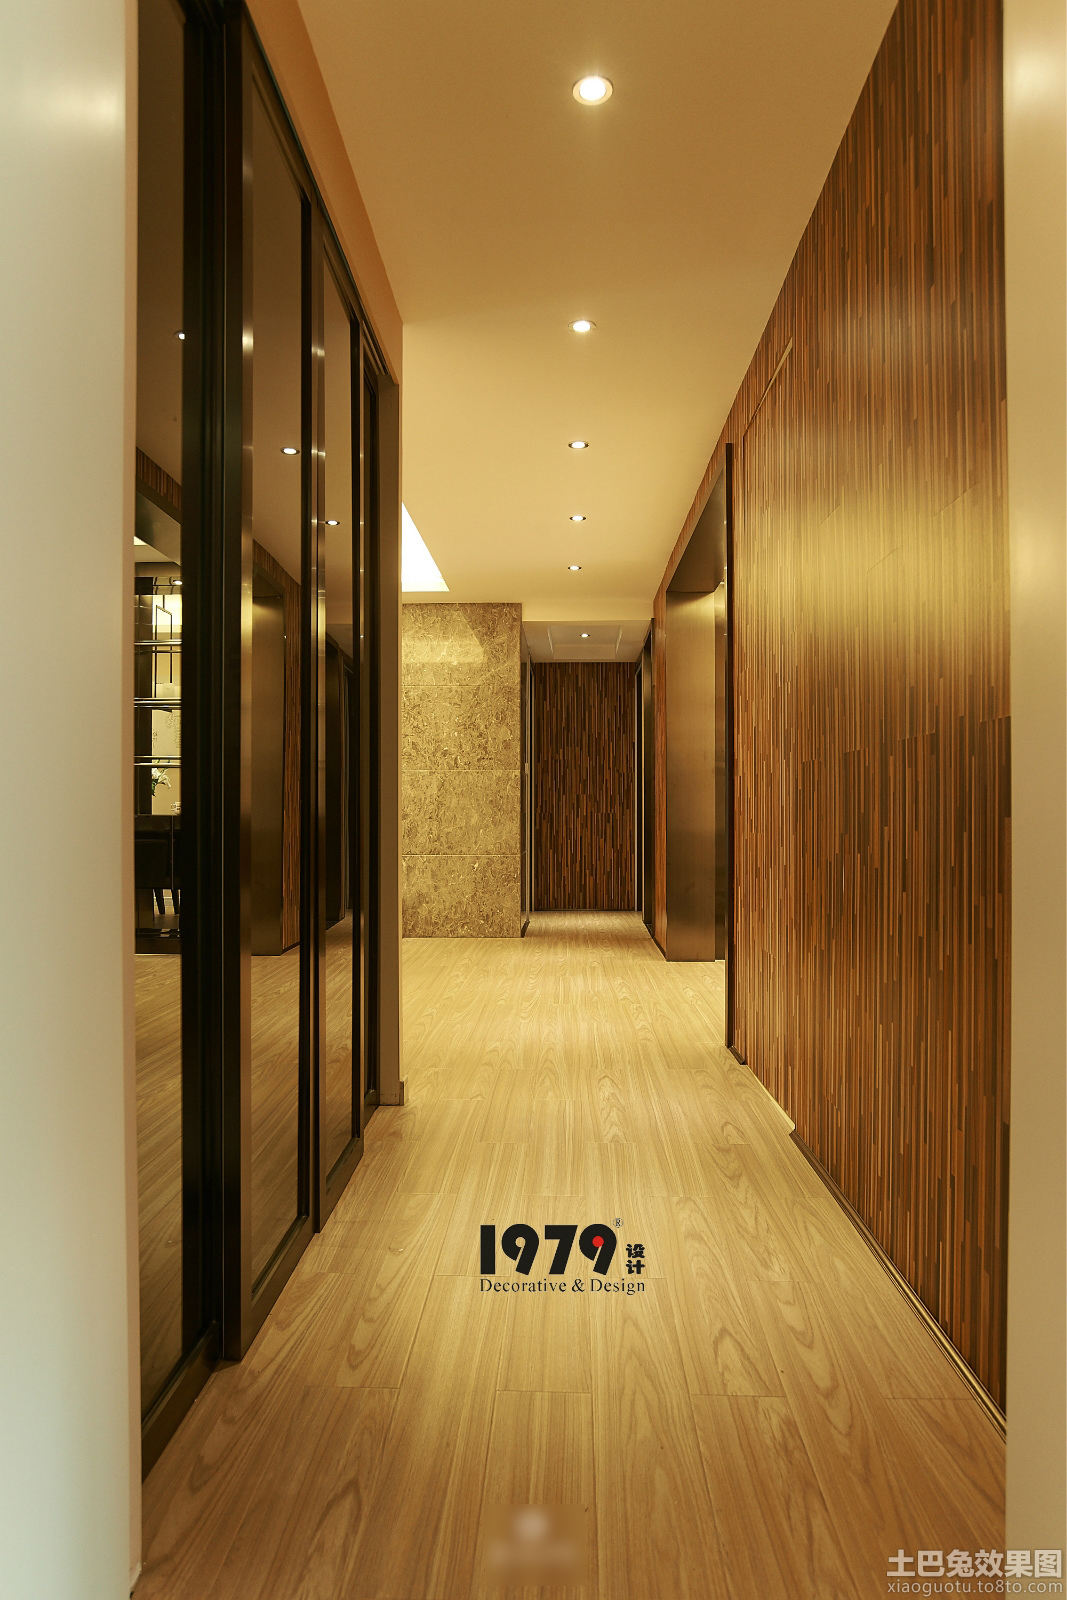 现代装修风格室内木地板装修